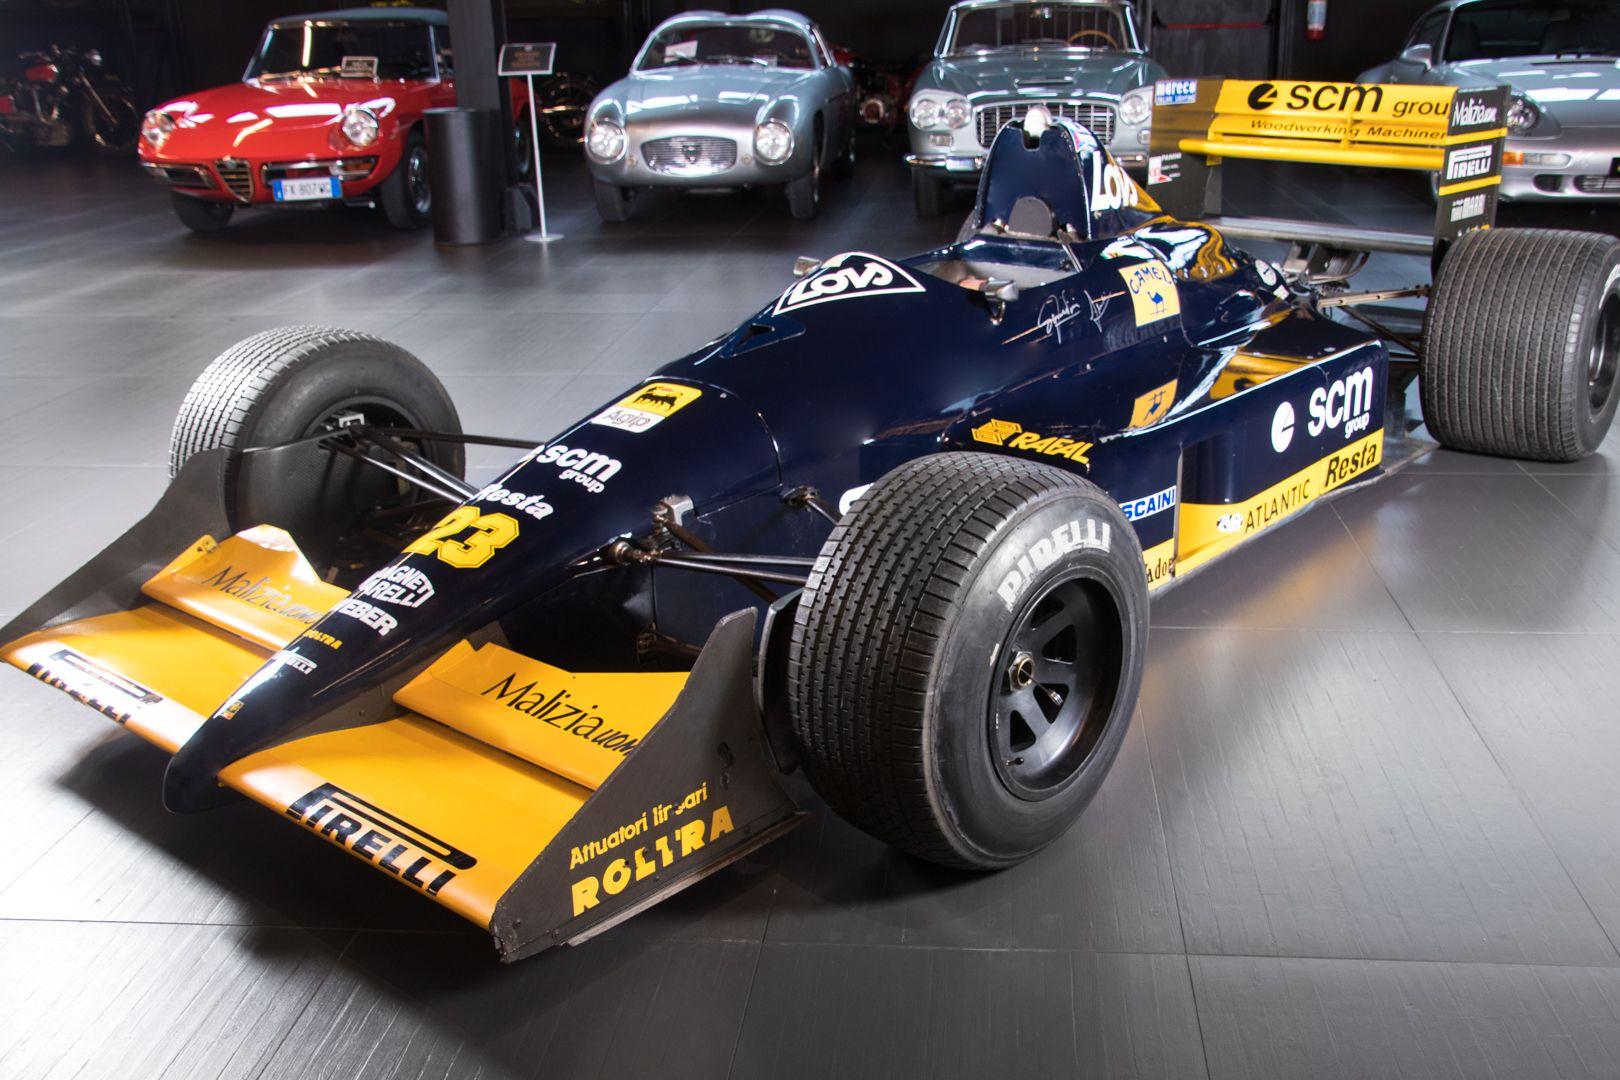 1988 Minardi F1 20151